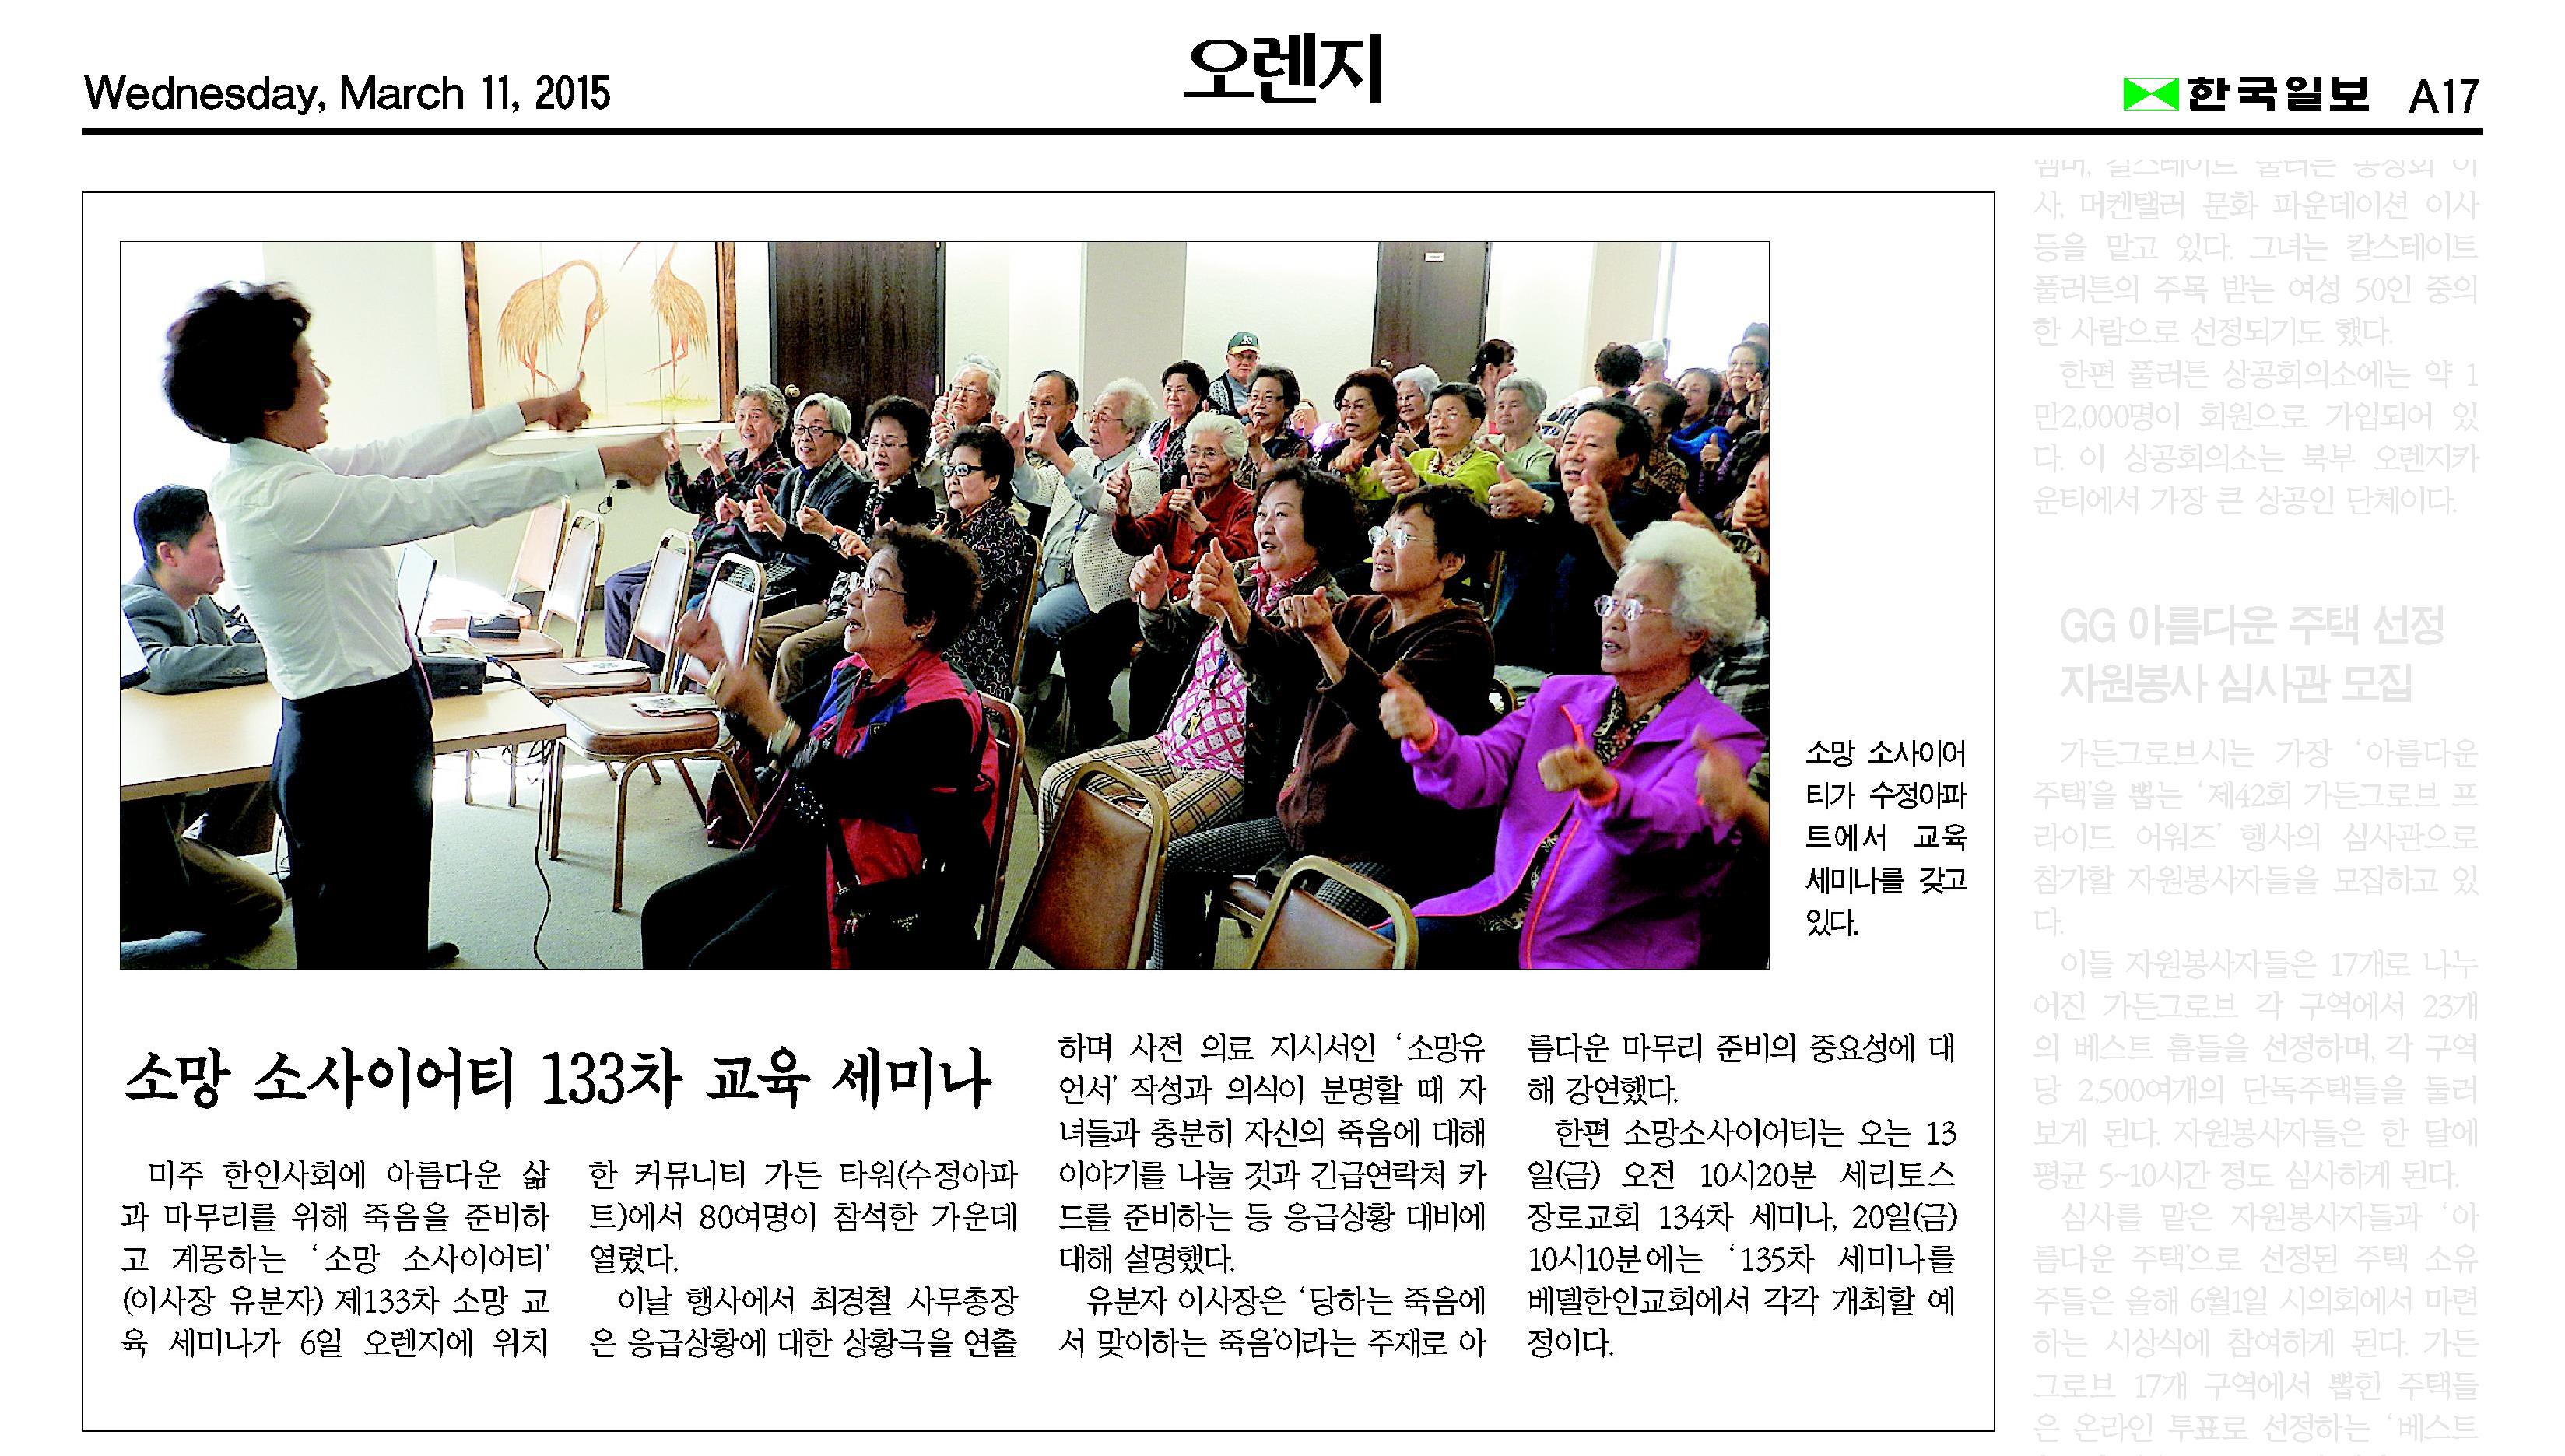 """""""소망 소사이어티 133차 교육 세미나"""" 2015년 3월 11일  한국일보"""